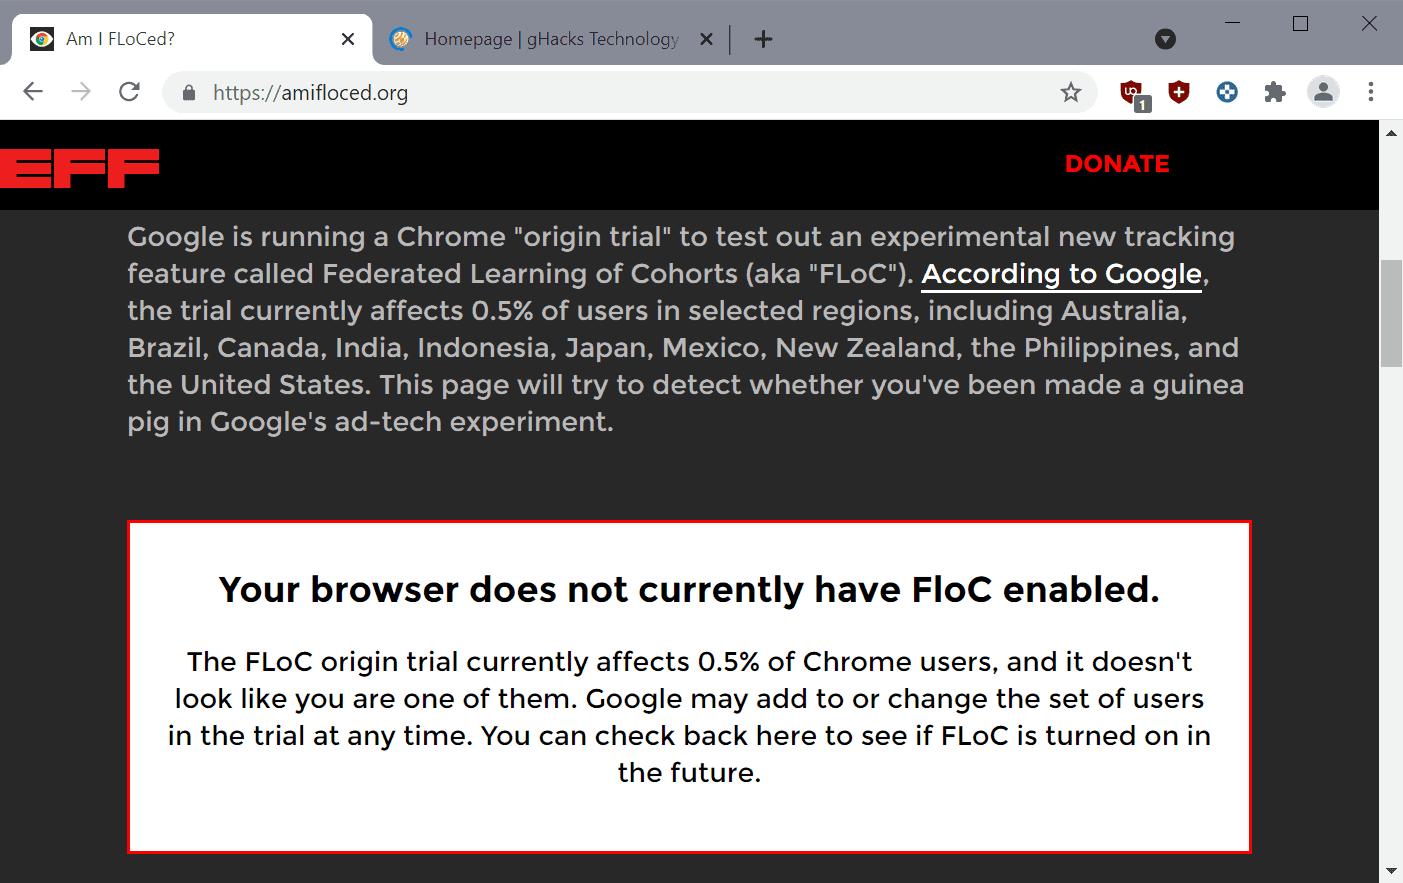 test floc enabled